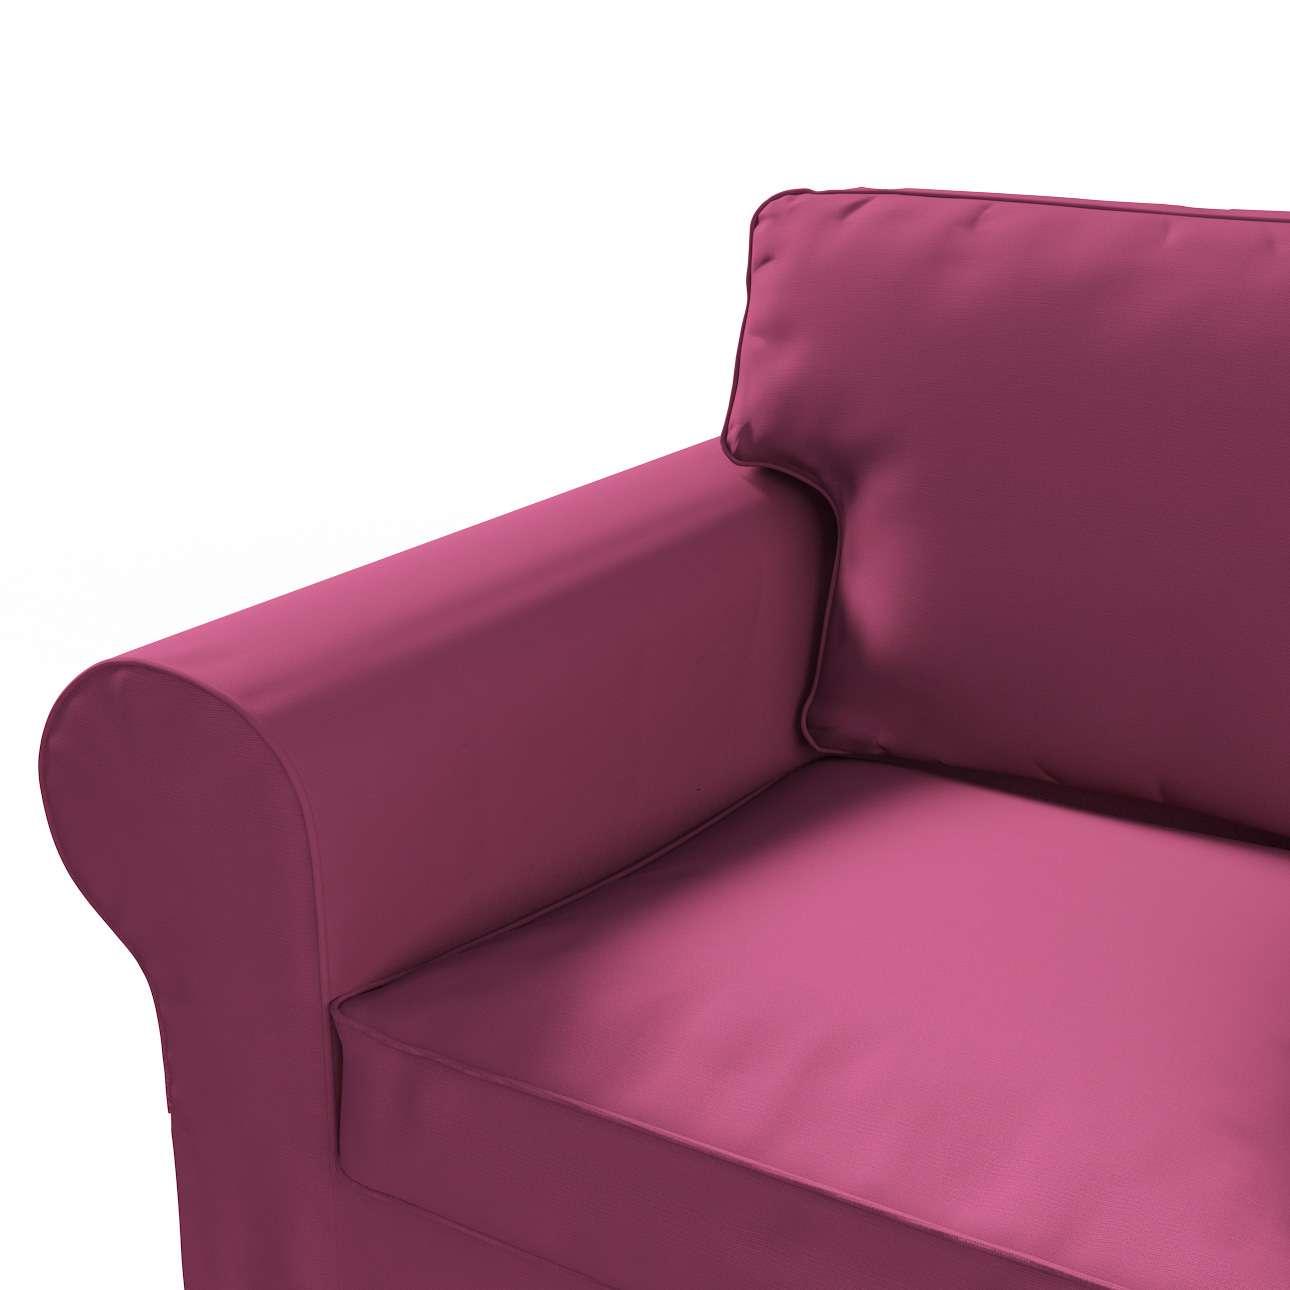 Ektorp 2-Sitzer Schlafsofabezug  NEUES Modell  Sofabezug für  Ektorp 2-Sitzer ausklappbar, neues Modell von der Kollektion Cotton Panama, Stoff: 702-32